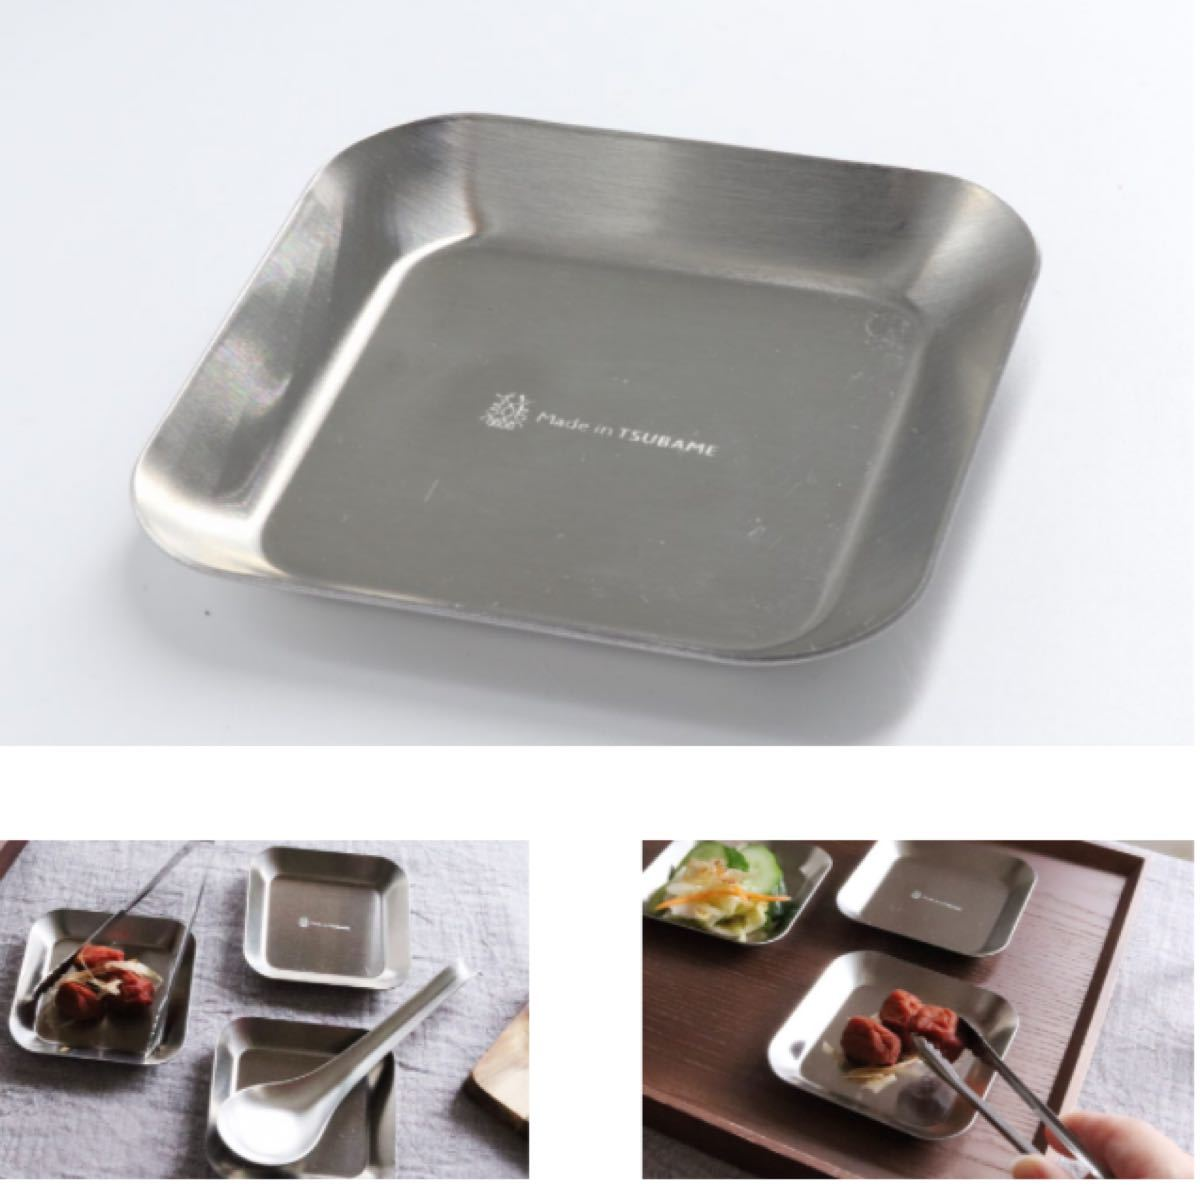 ツバメカトラリー 薬味小皿 4枚セット 新品未使用 made in tsubame 燕